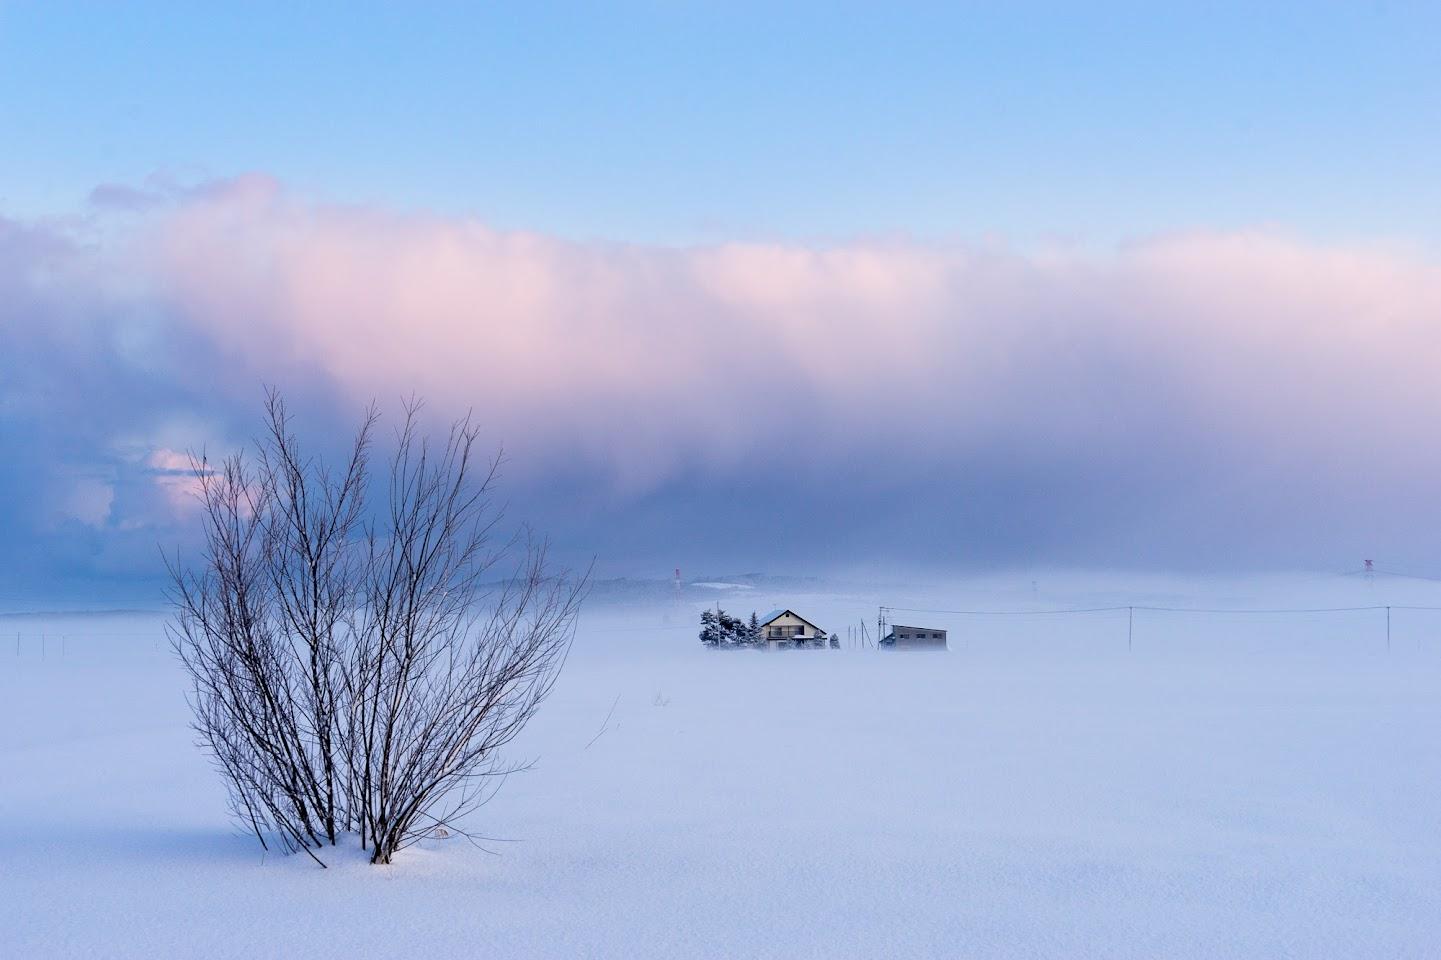 雲と大地とが溶け合う風景